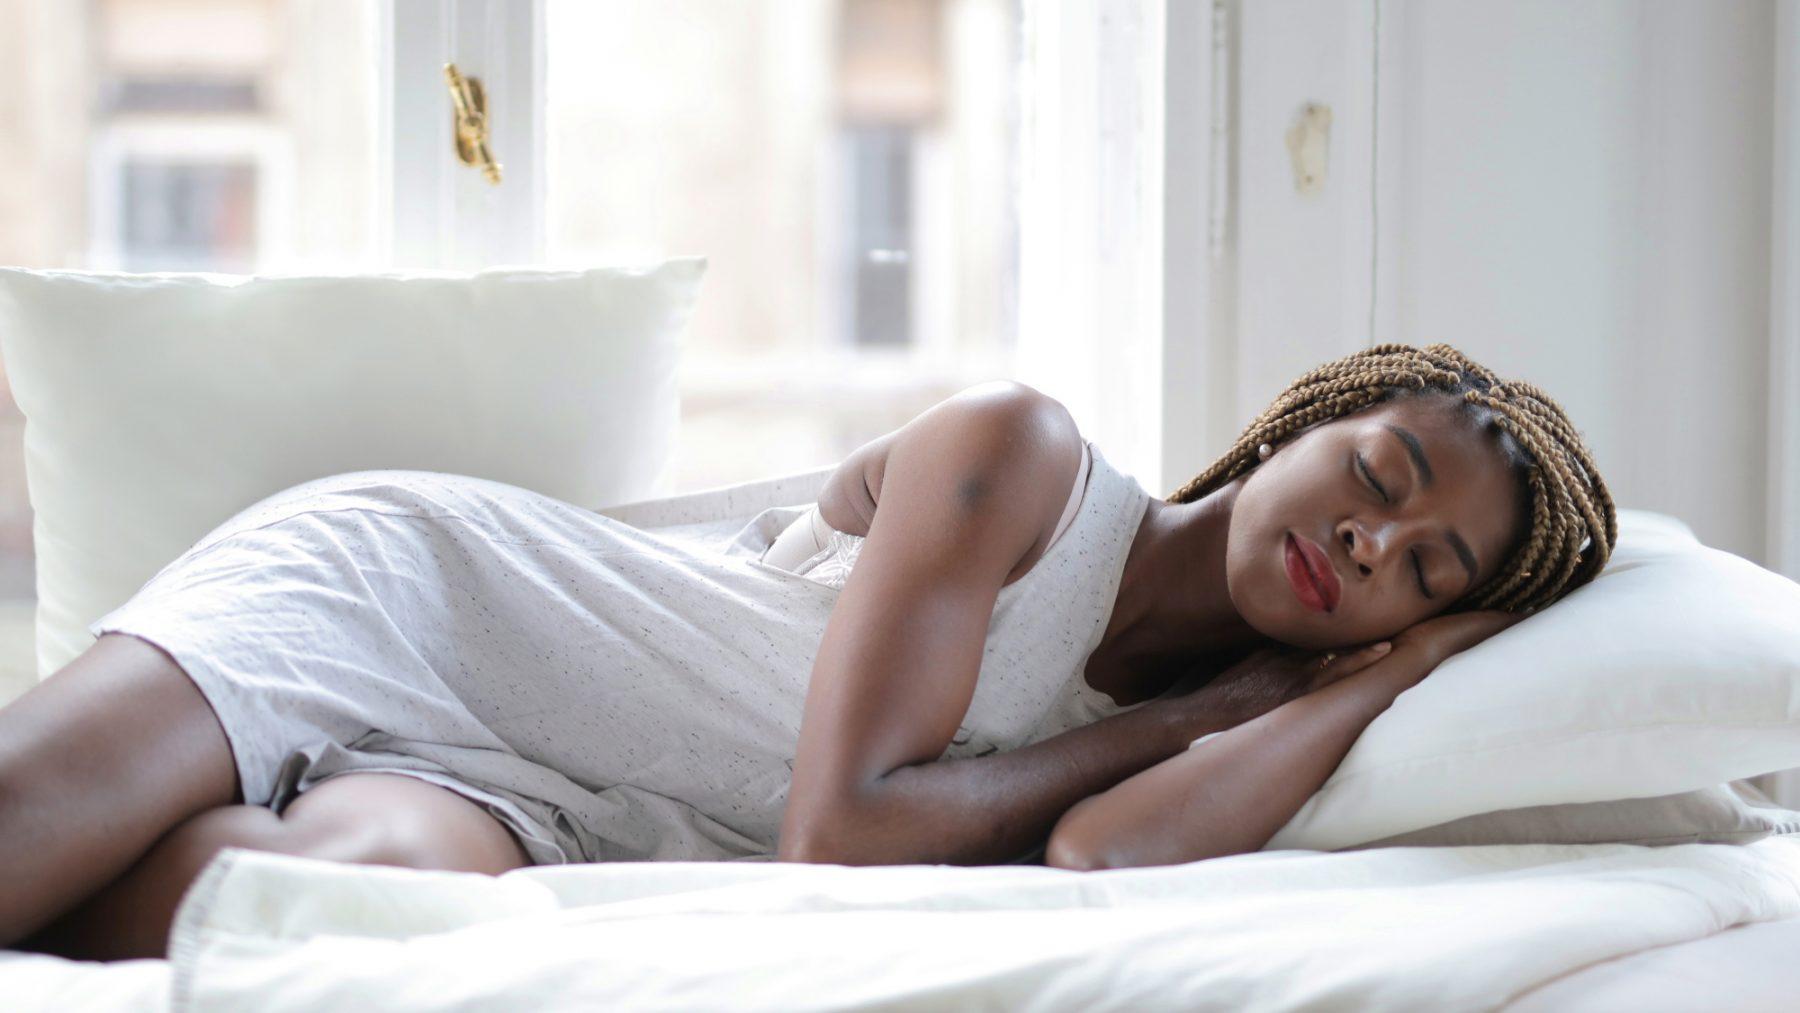 8 x tips hoe je ondanks de hitte en lang licht tóch goed slaapt